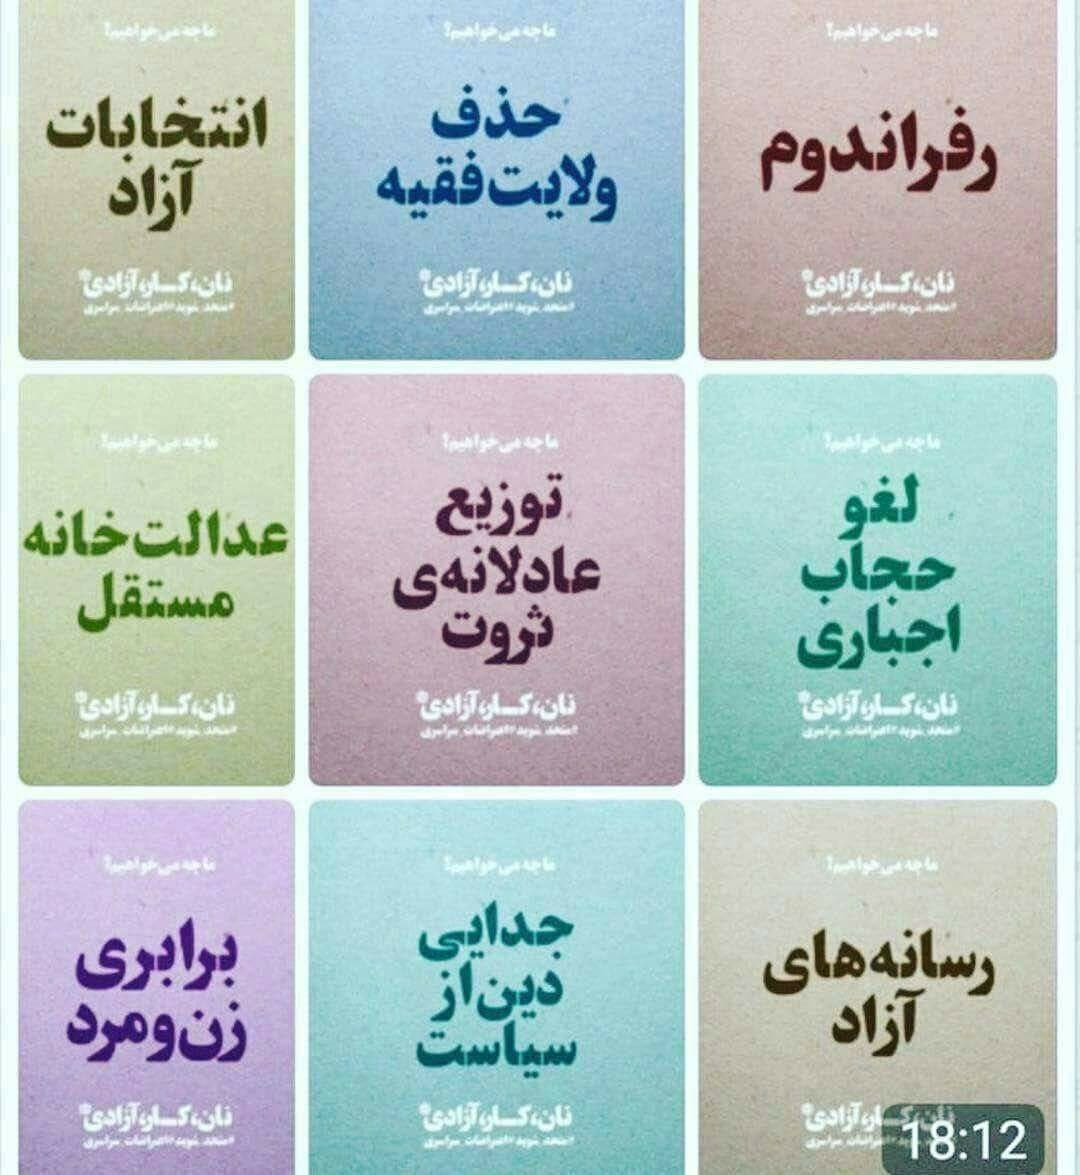 iran protests demands